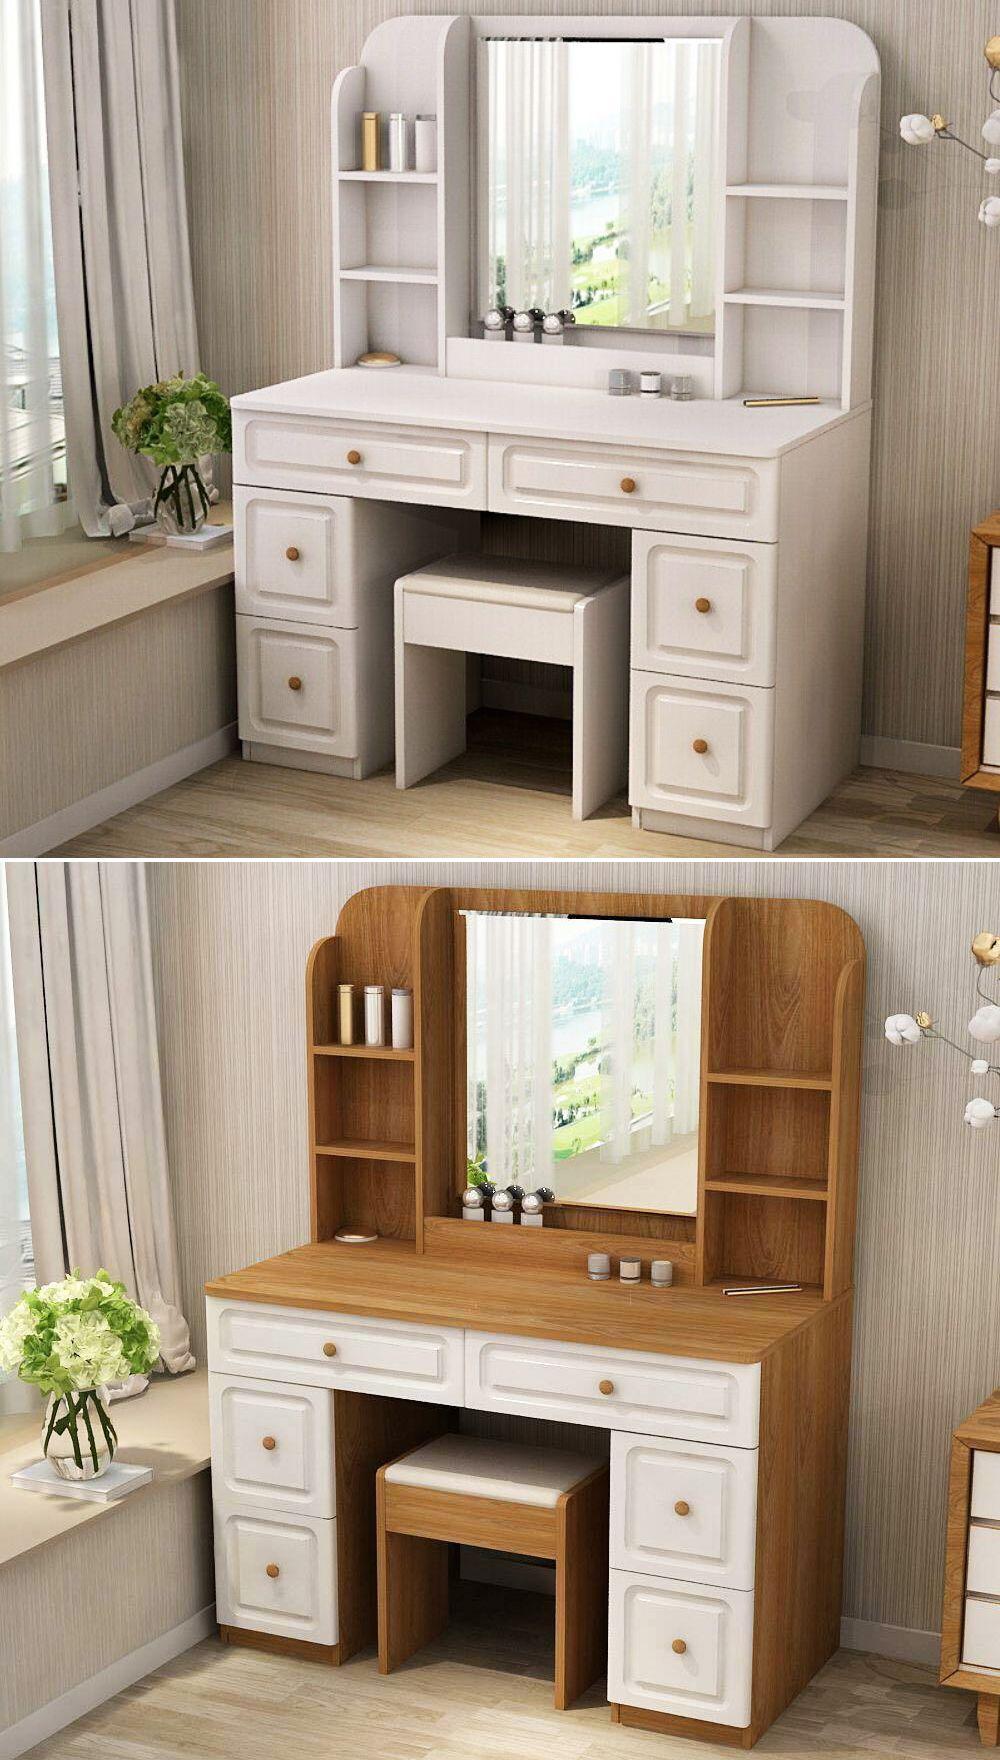 Makeup Vanity With Drawers White Vanity Desk Bedroom Vanity Set Makeup Vanity With Drawers [ 1760 x 1000 Pixel ]